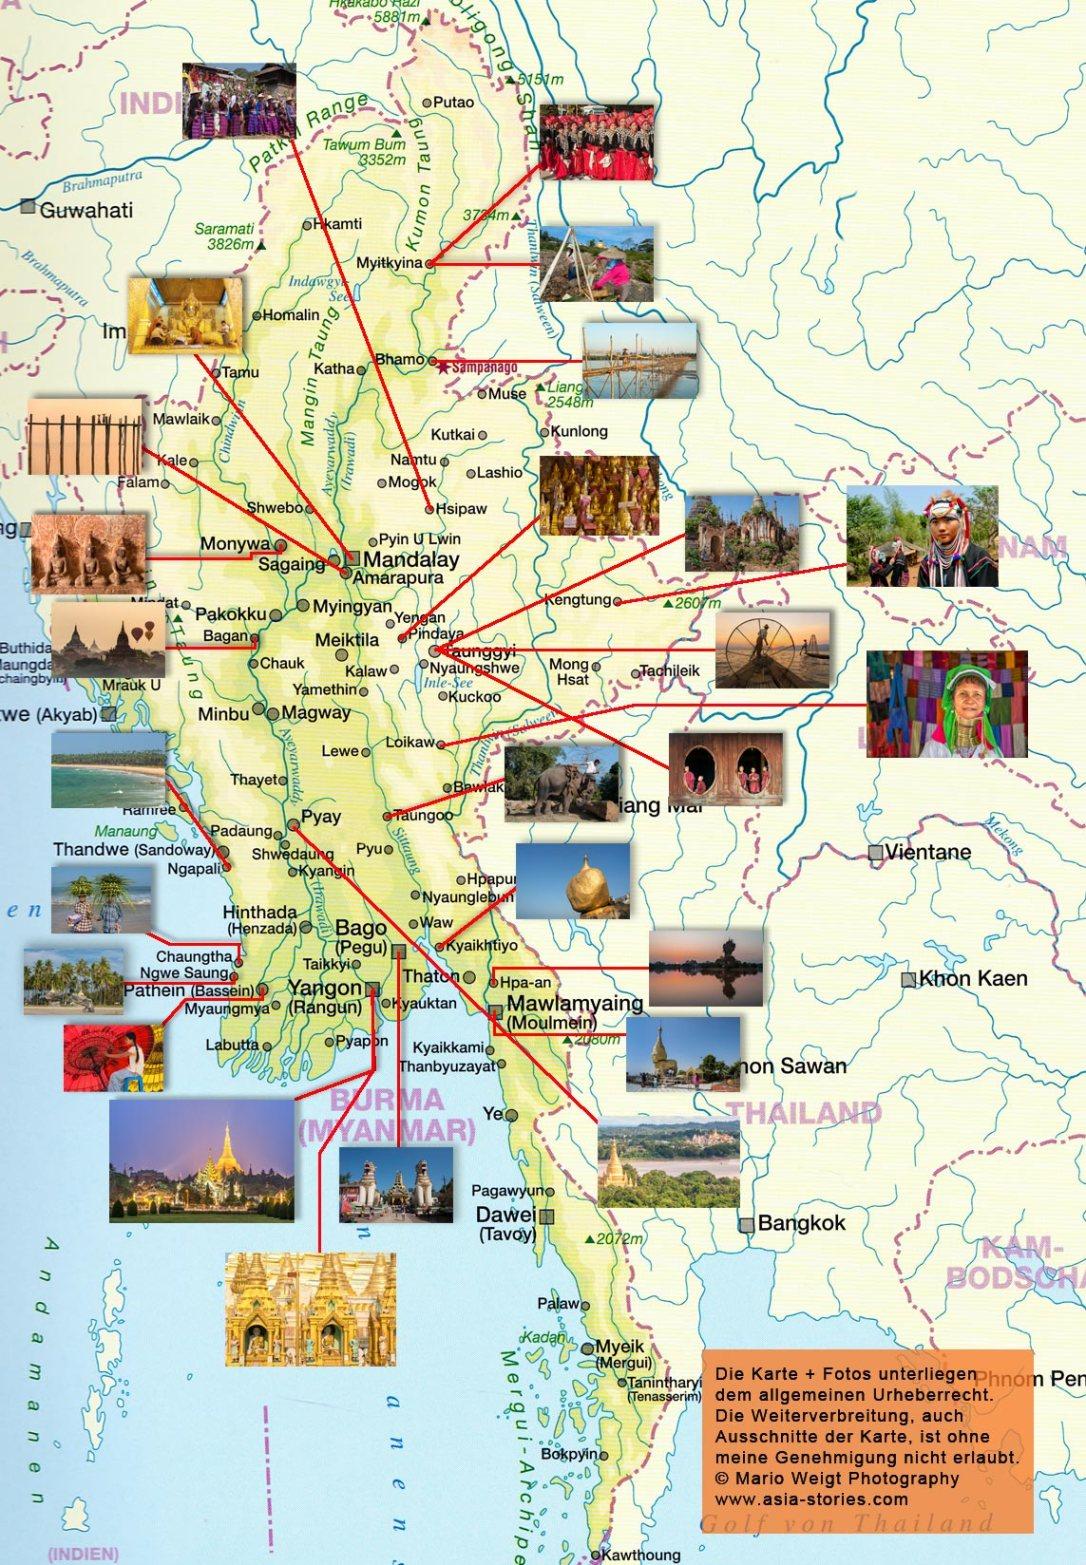 Eine Karte für das Reiseland Myanmar (Burma) mit den wichtigsten Sehenswürdigkeiten und Highlights des Landes. Die detailierte Karte zeigt die Namen Städte und Fotos mit den interessantesten Orten, die der Reisende bei seiner Tour durch Myanmar (Burma) besuchen sollten. Die Karte ist aus dem Bildband